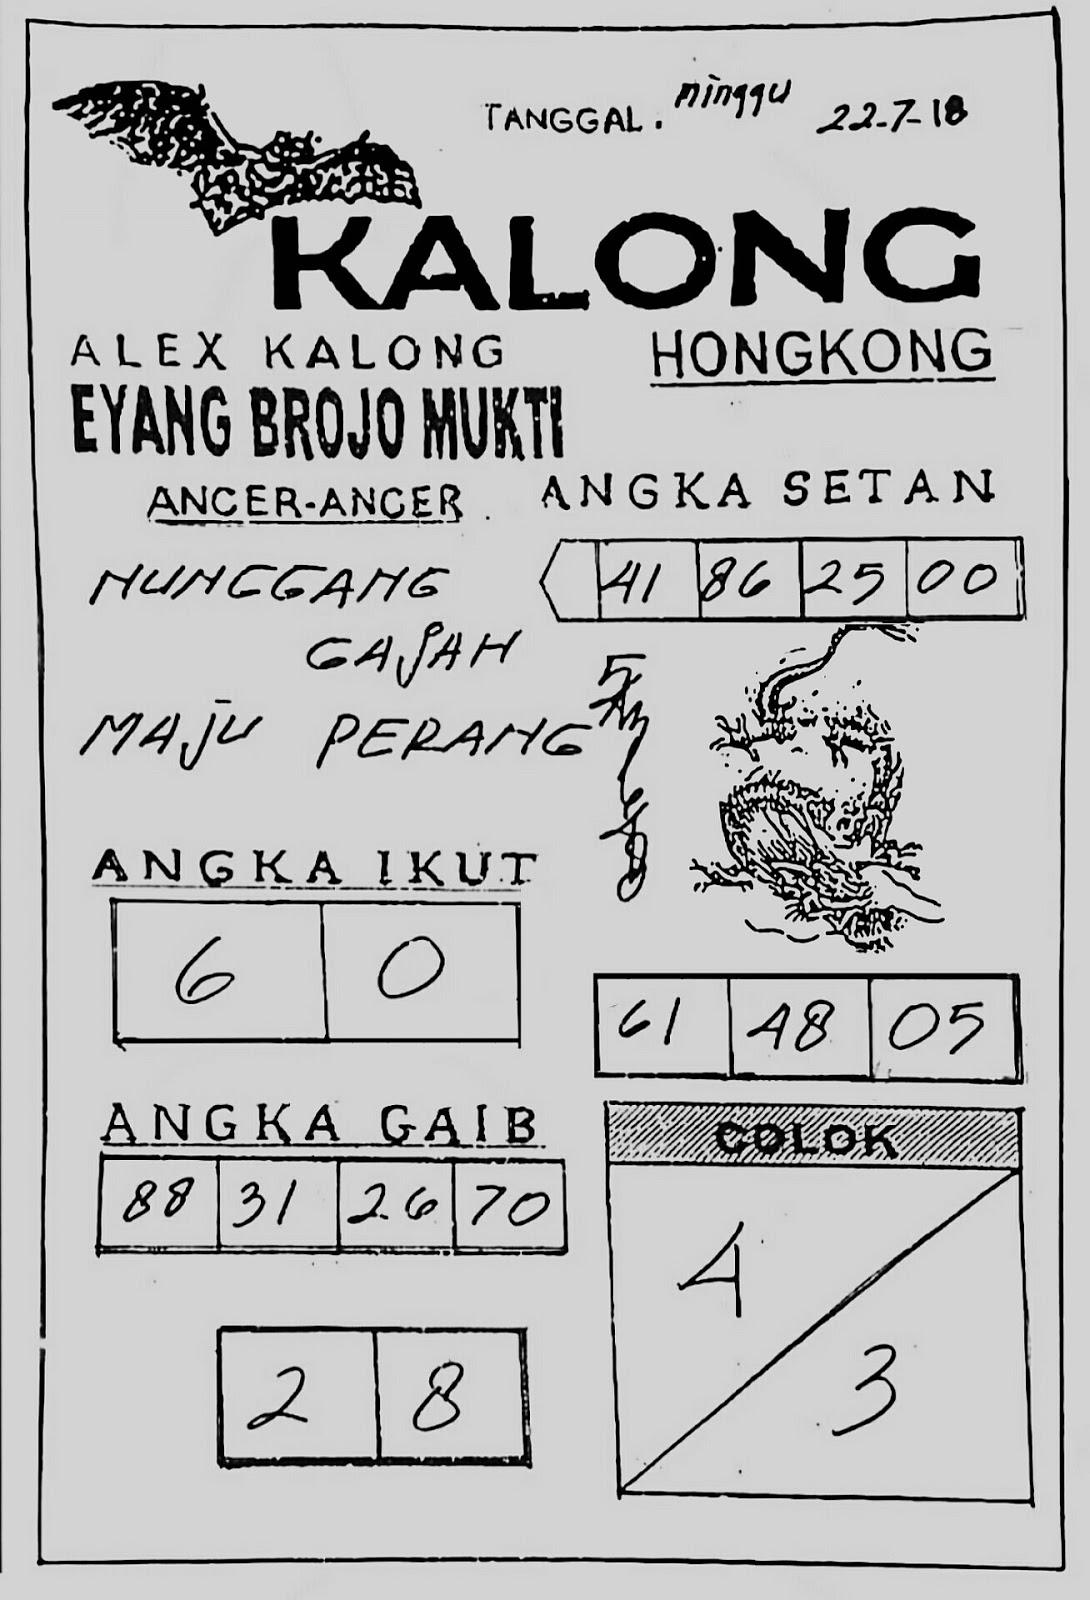 PREDIKSI SYAIR TOGEL HONGKONG 22 JULI 2018 ~ Live Draw Togel SGP dan